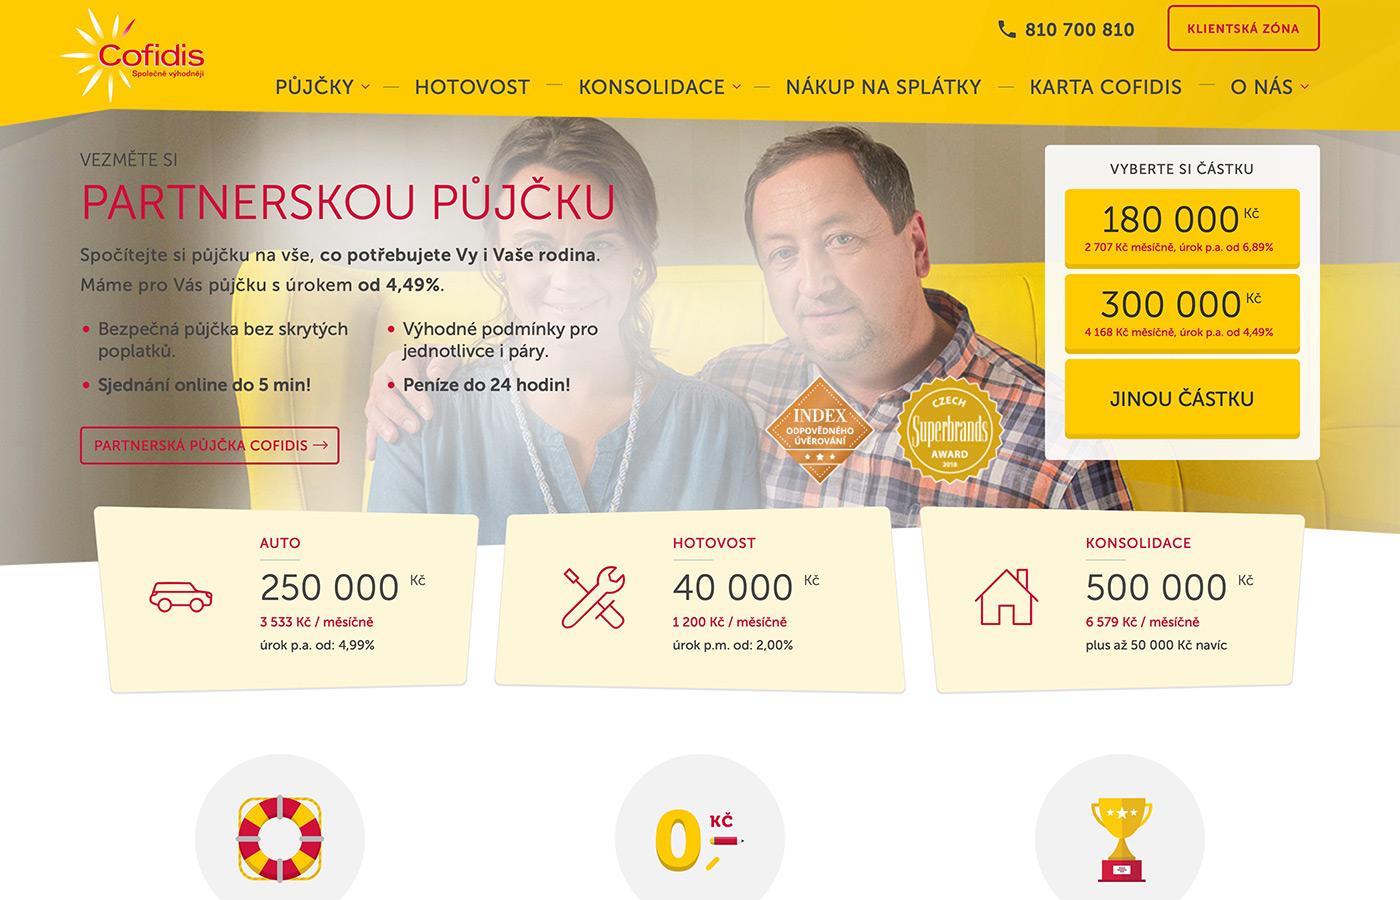 Webové stránky https://www.cofidis.cz